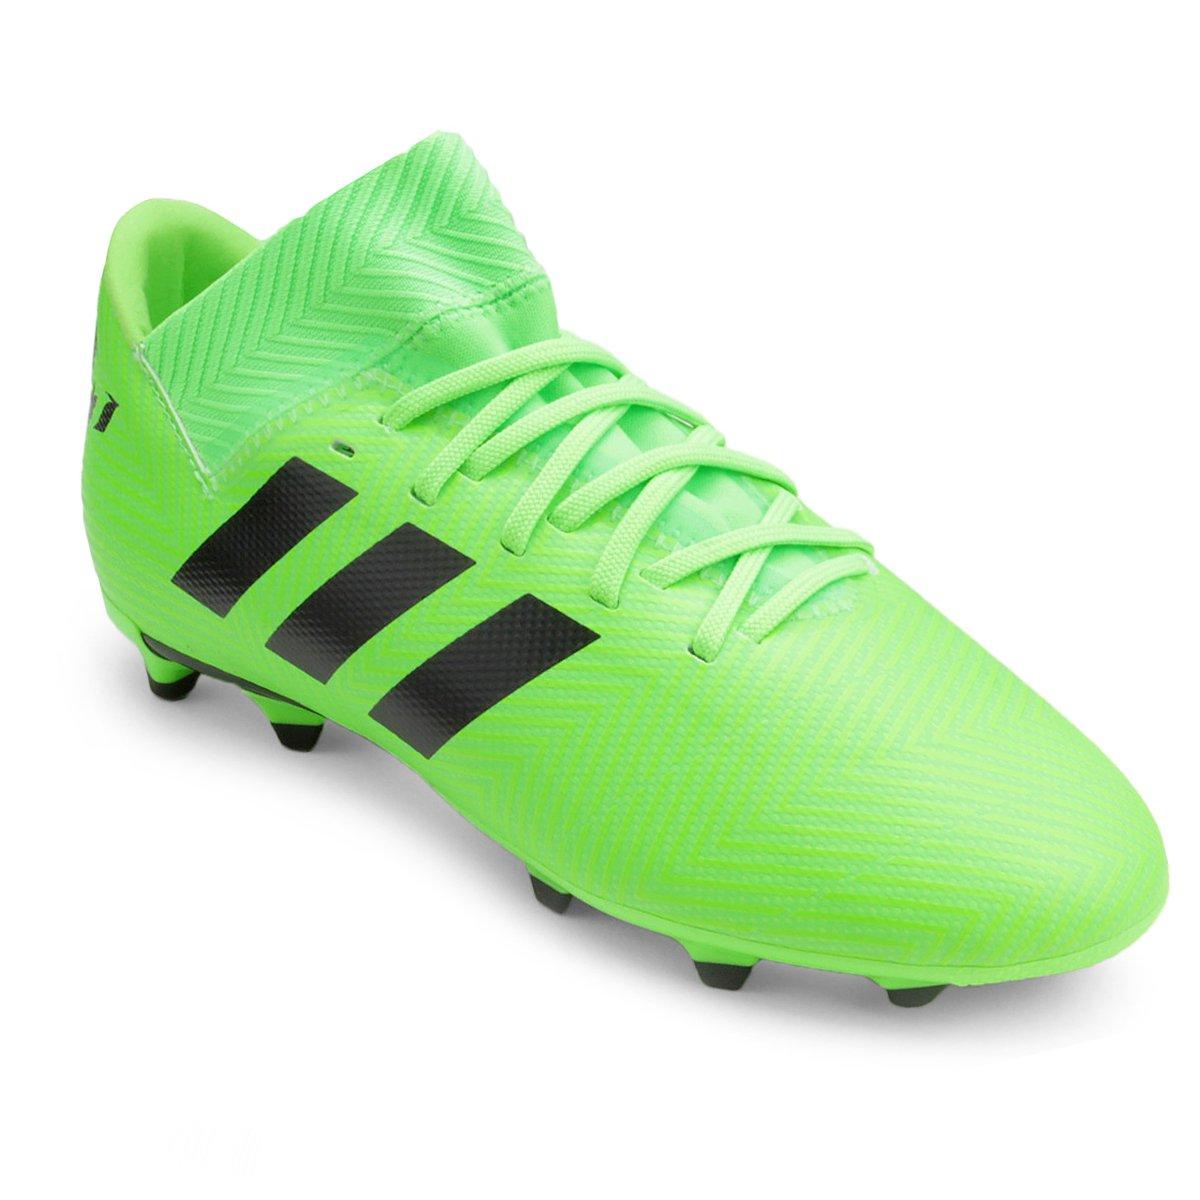 5a3f2fd21f610 Chuteira Campo Infantil Adidas Nemeziz Messi 18 3 FG   Allianz Parque Shop